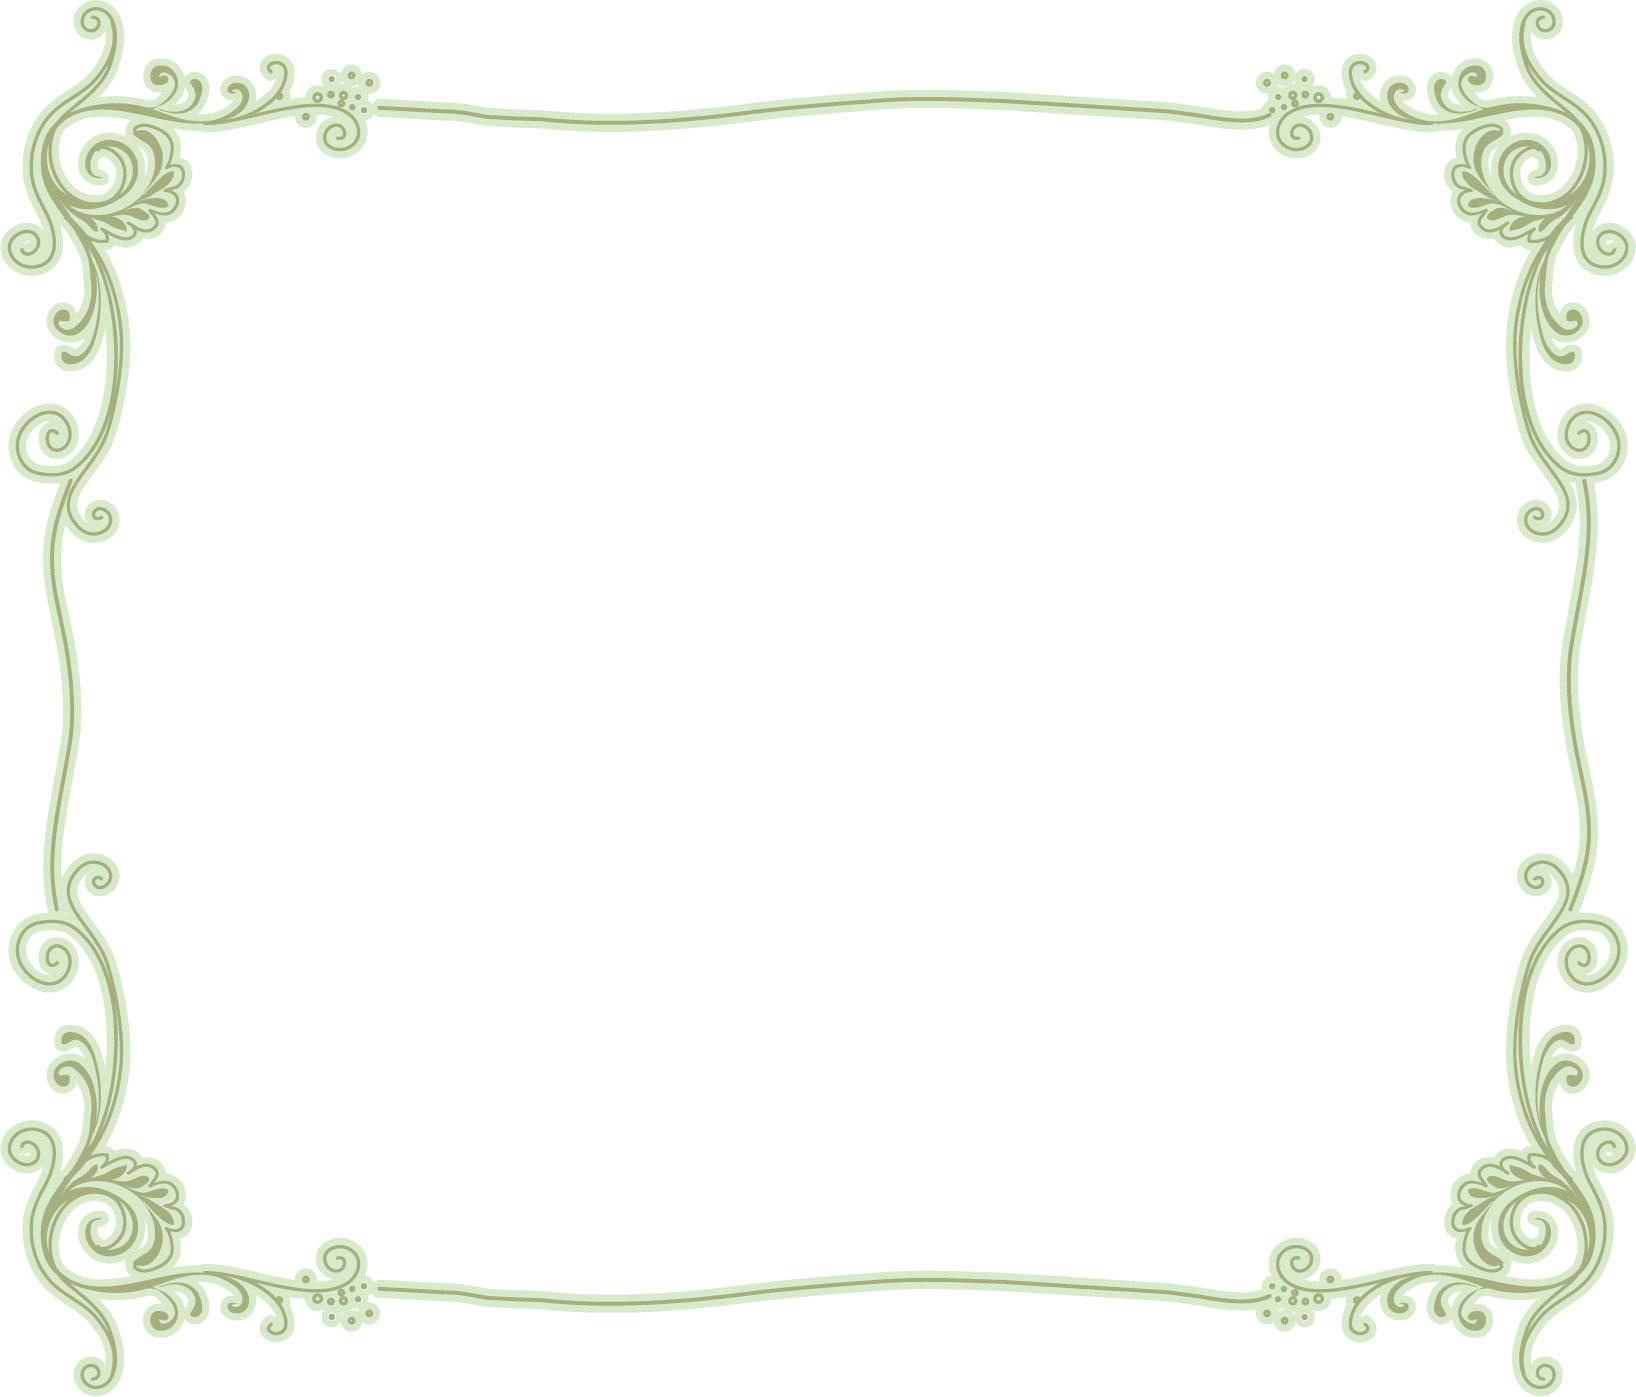 葉っぱ草木のイラストフリー素材フレーム枠no035茎葉蔓緑